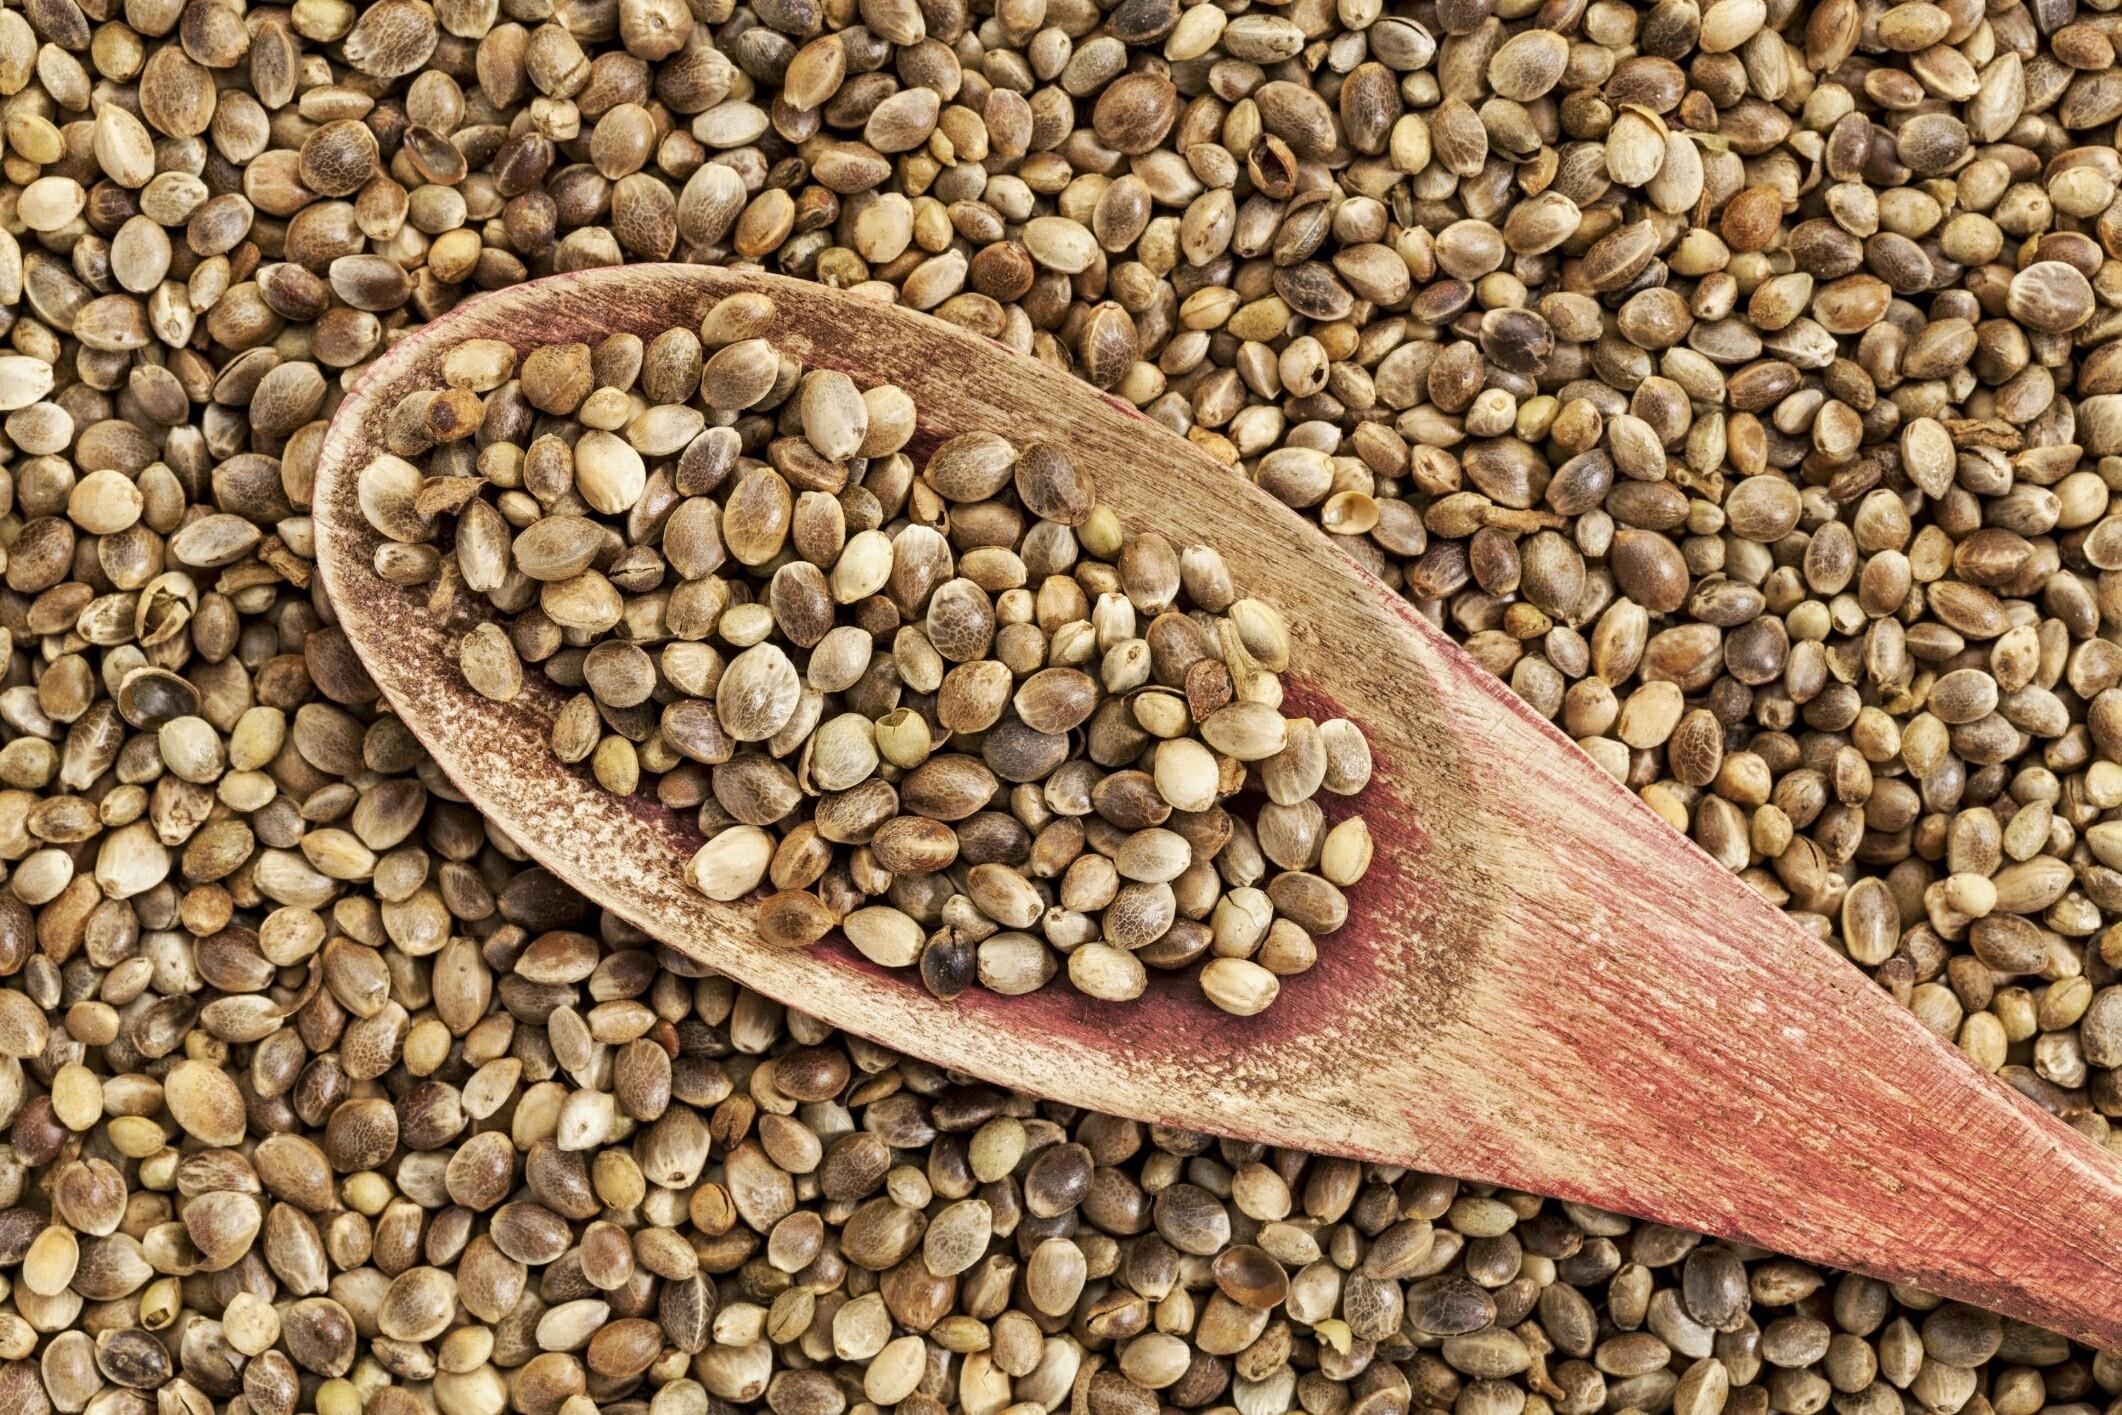 Конопляное семя польза и вред фото с коноплей в горшке